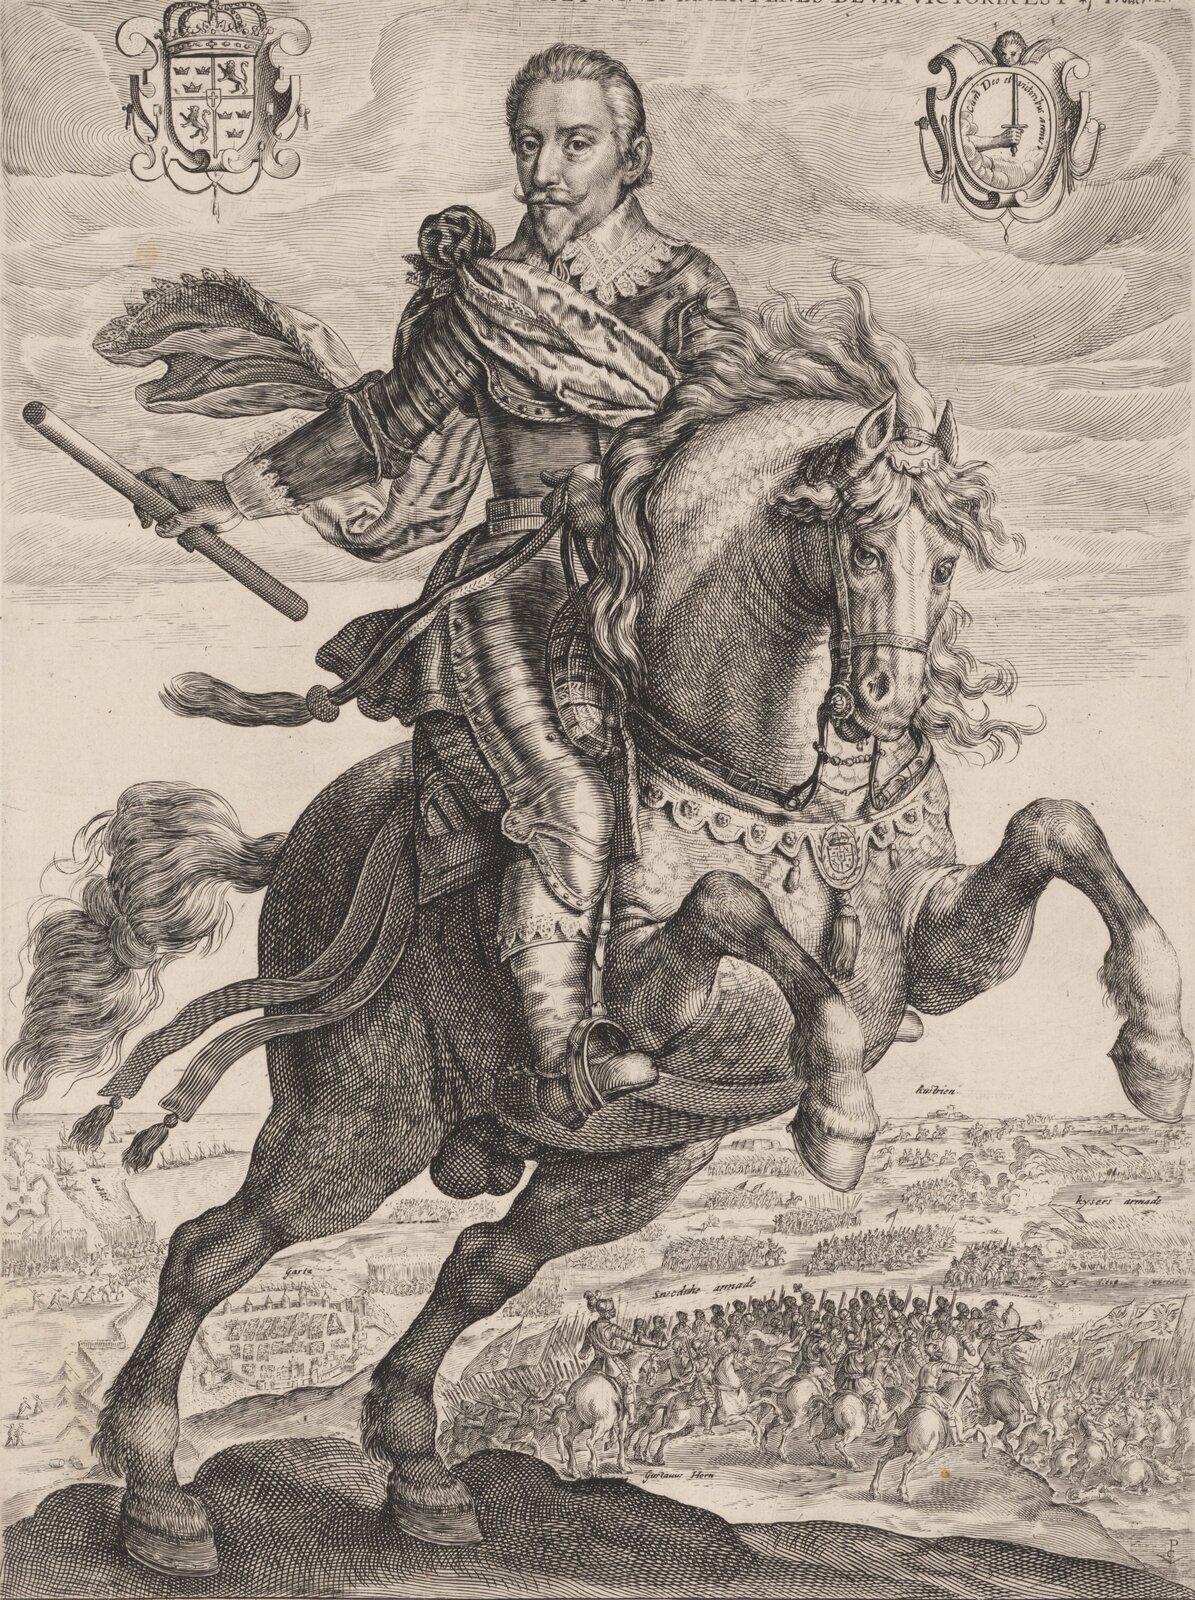 Portret konny Gustawa Adolfa, króla Szwecji. Król trzyma wręku buławę, będącą świadectwem jego przywództwa wojskowego. Koń staje dęba. Wtle bitwa.